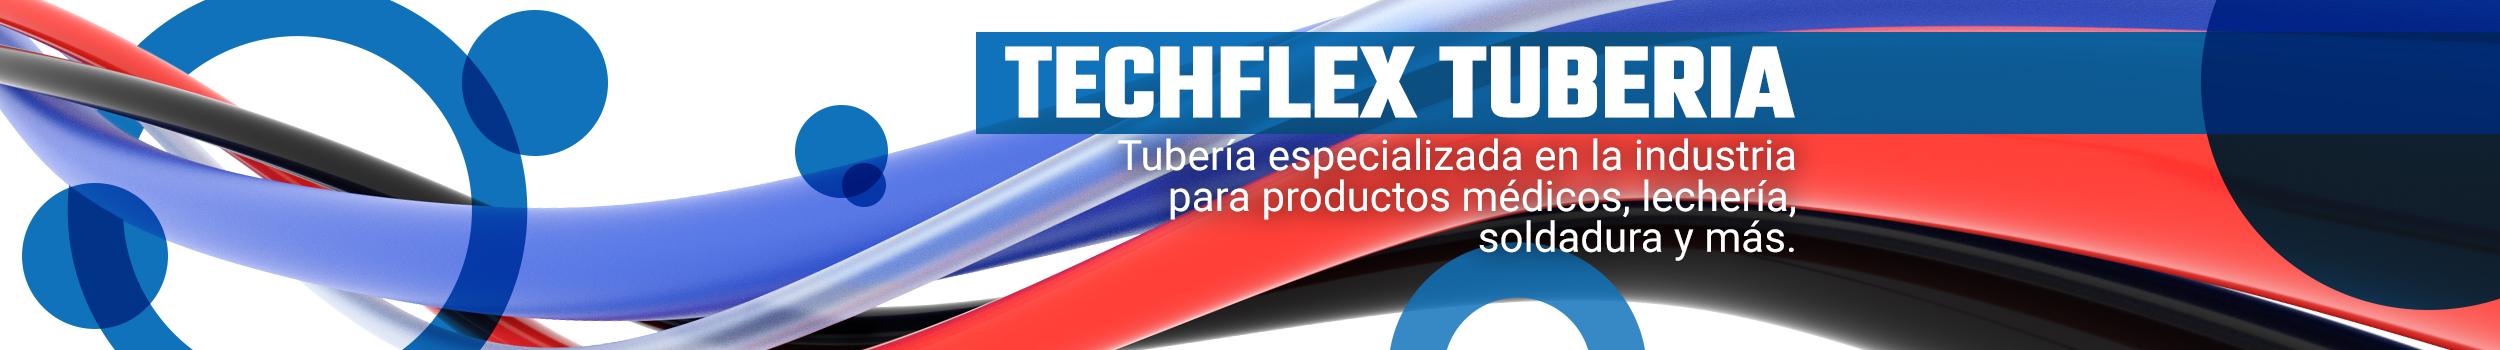 Techflex tubing banner sp